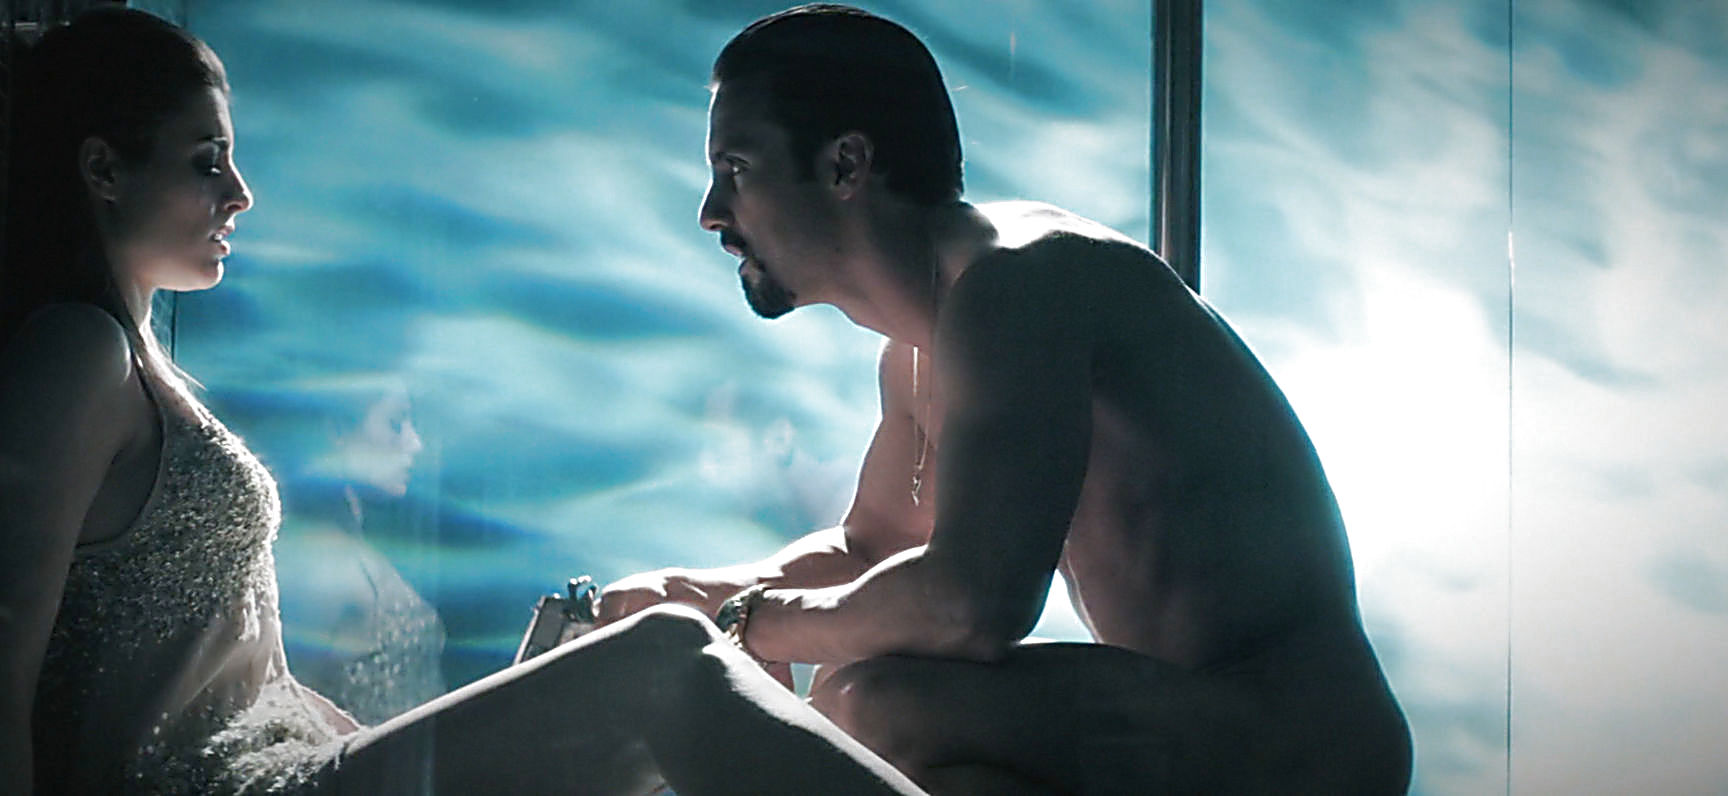 Milo Ventimiglia sexy shirtless scene February 22, 2015, 3pm